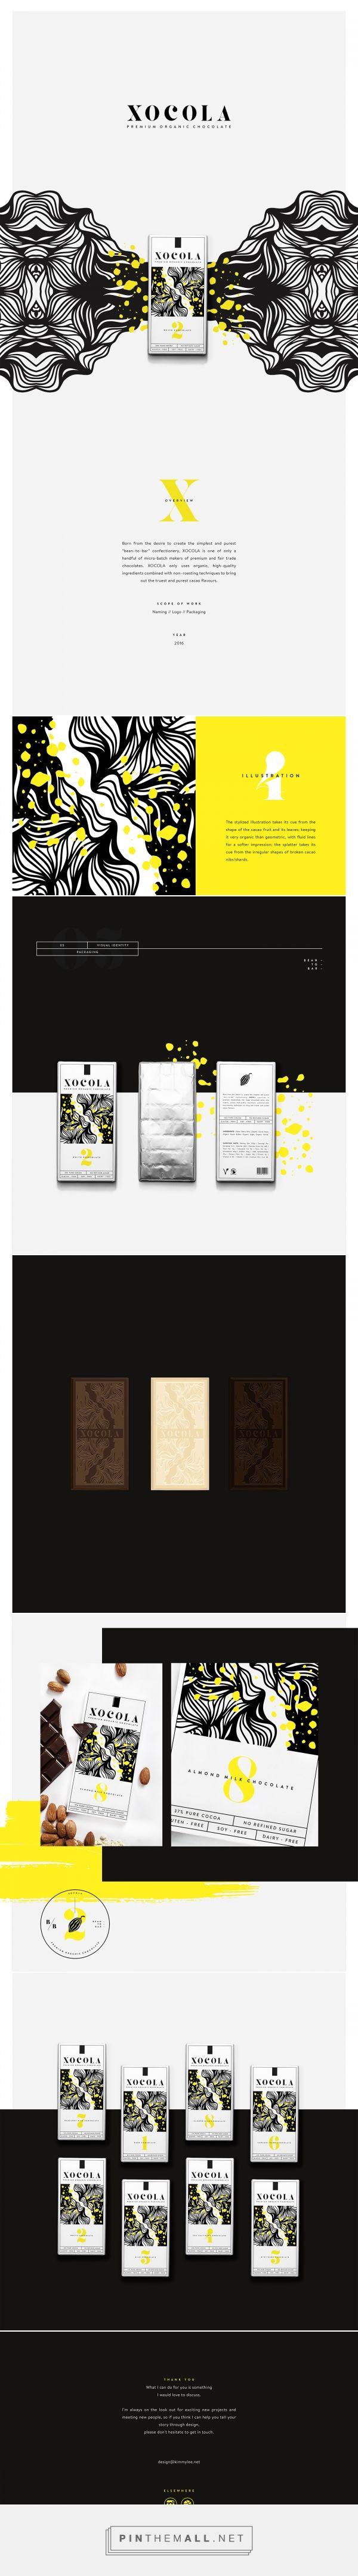 El chocolate Xocola Orgánica Embalaje a Kimmy Lee |  Agencia de Branding Fivestar - Diseño y la Agencia de Branding & Inspiration Gallery Curada